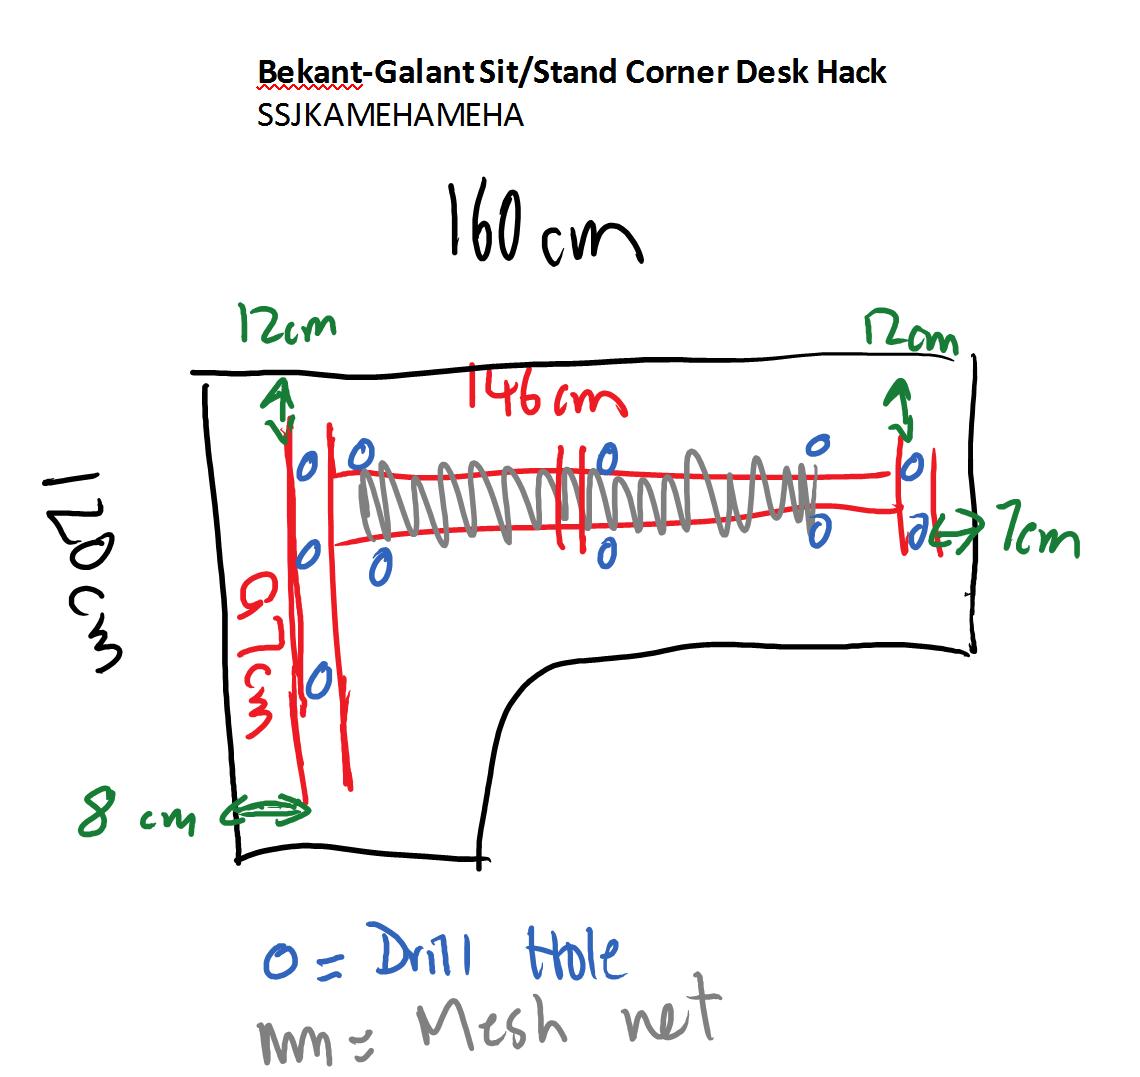 Image Result For Ikea Bekant Corner Desk Hacks Desk Hacks Ikea Bekant Corner Desk